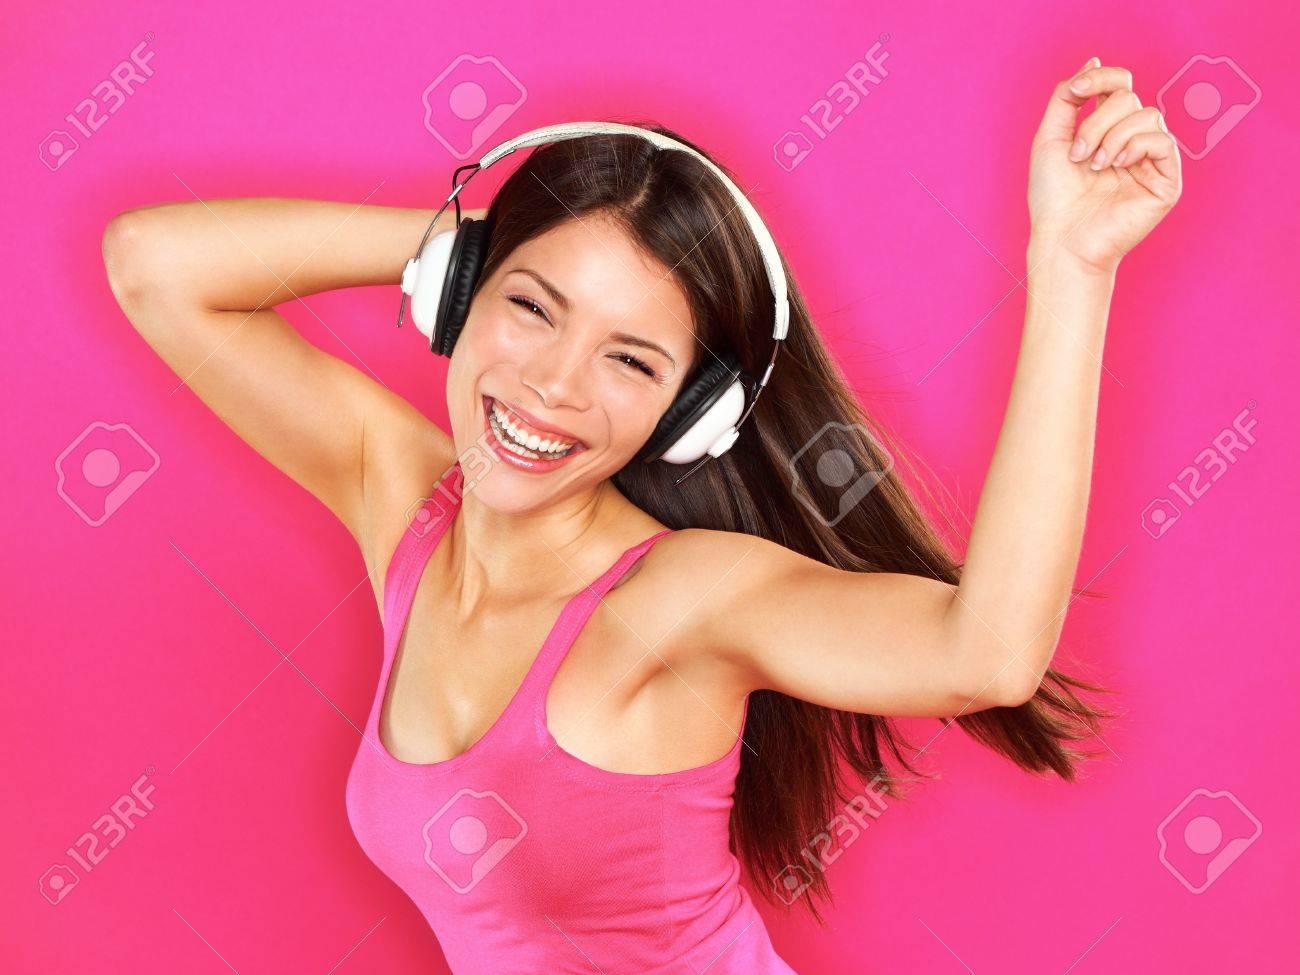 woman wearing headphones Standard-Bild - 21462885